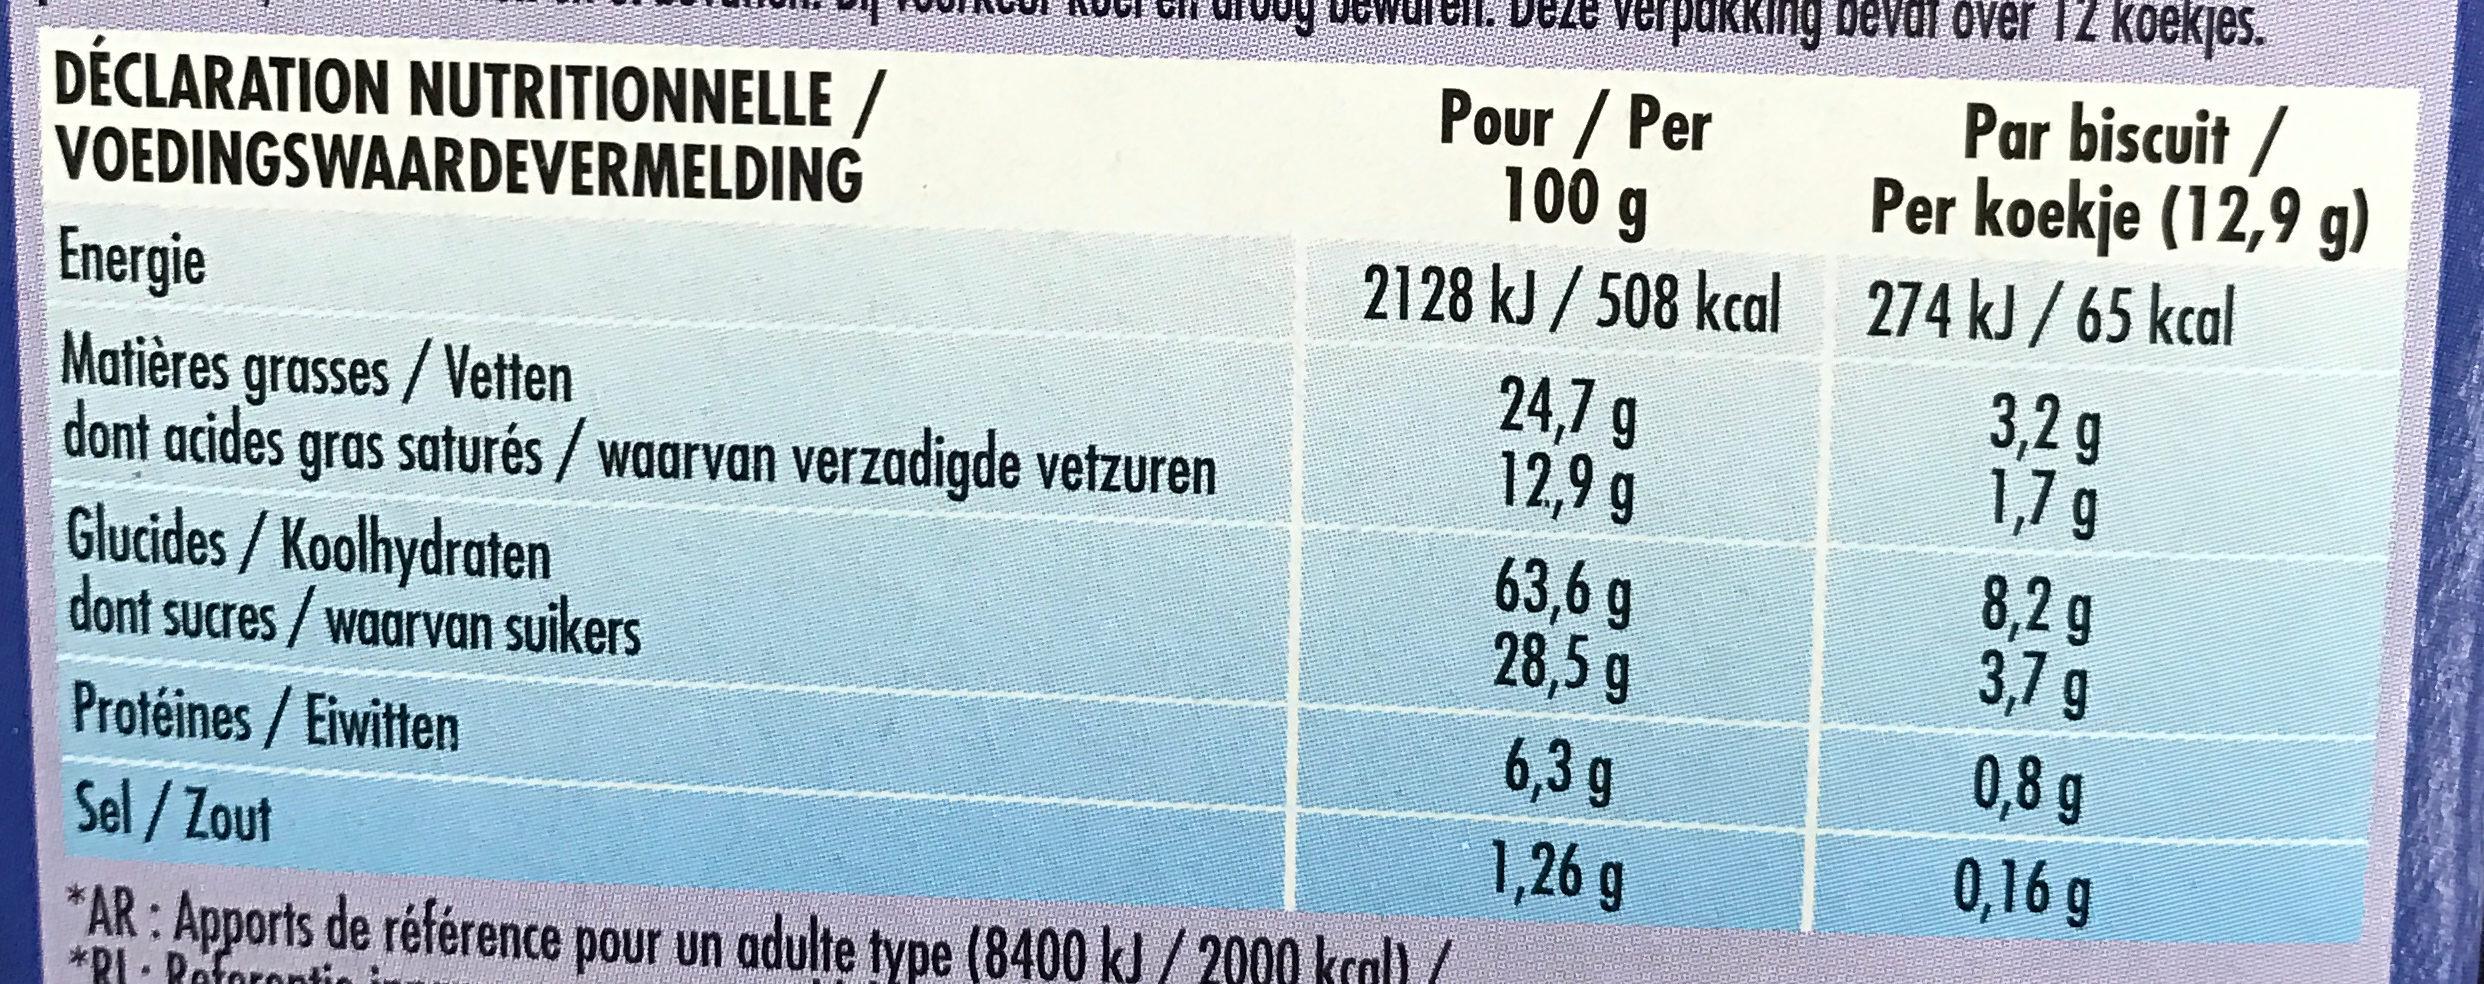 Delichoc sable chocolat lait - Informations nutritionnelles - fr